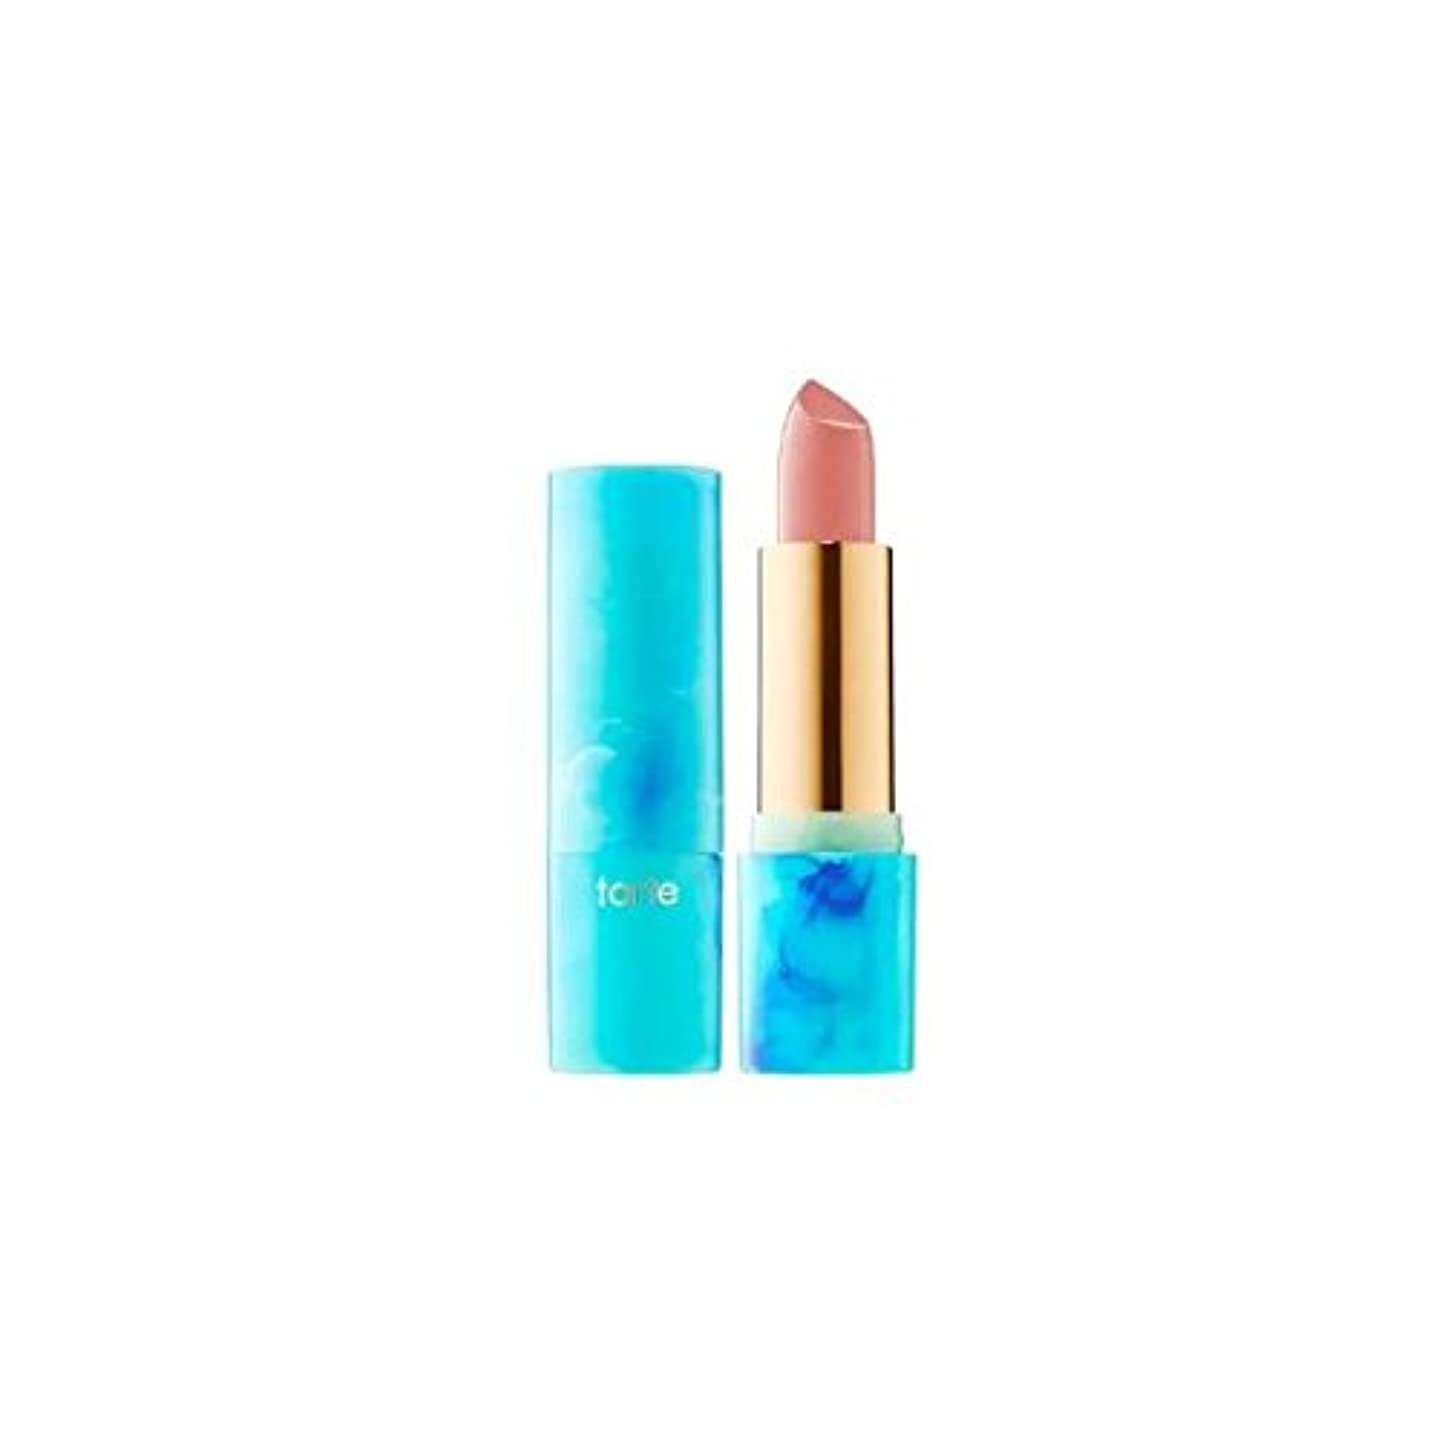 古くなった雑品アクロバットtarteタルト リップ Color Splash Lipstick - Rainforest of the Sea Collection Satin finish